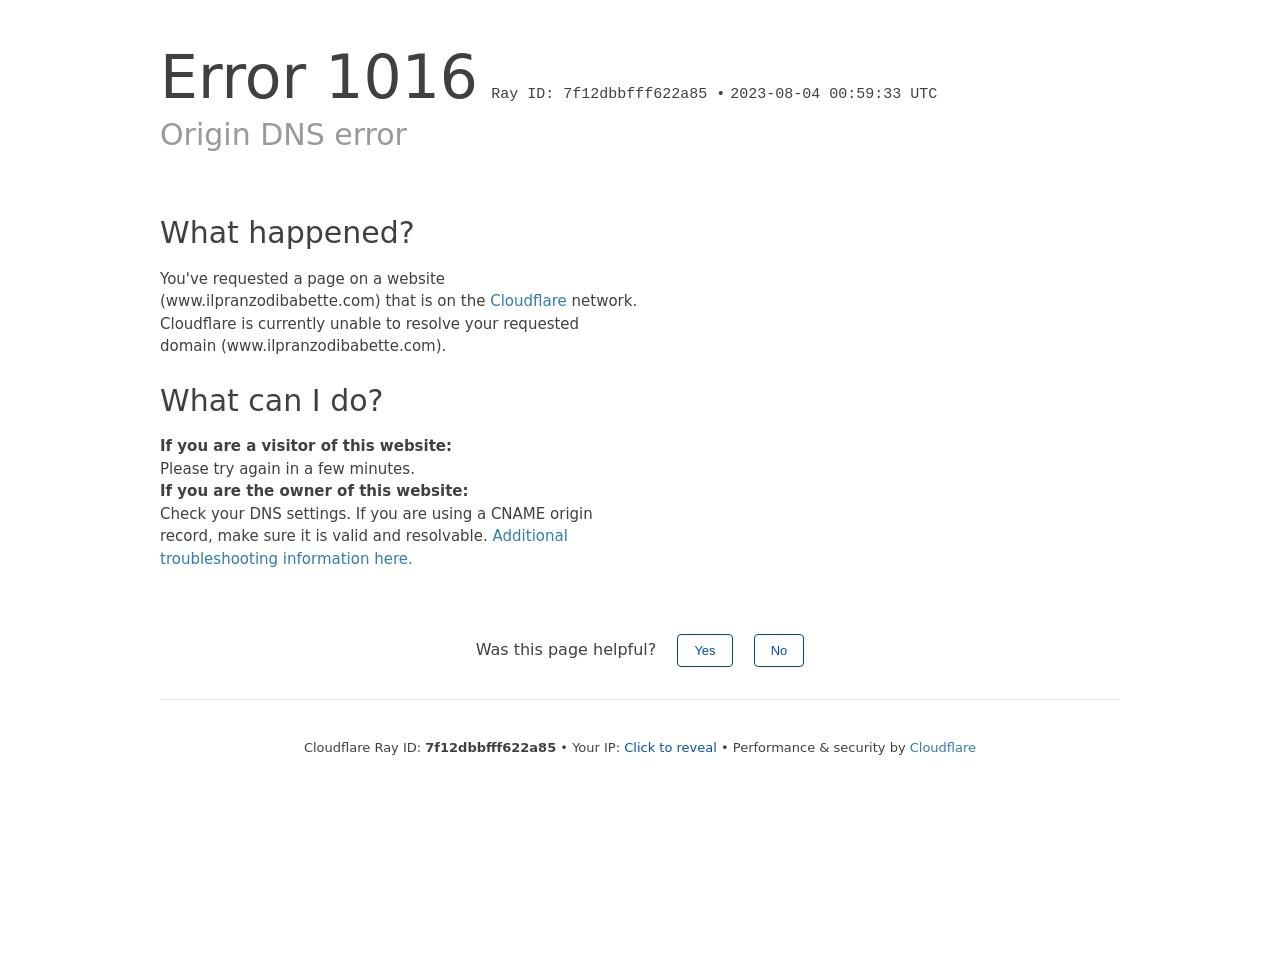 il-pranzo-di-babette